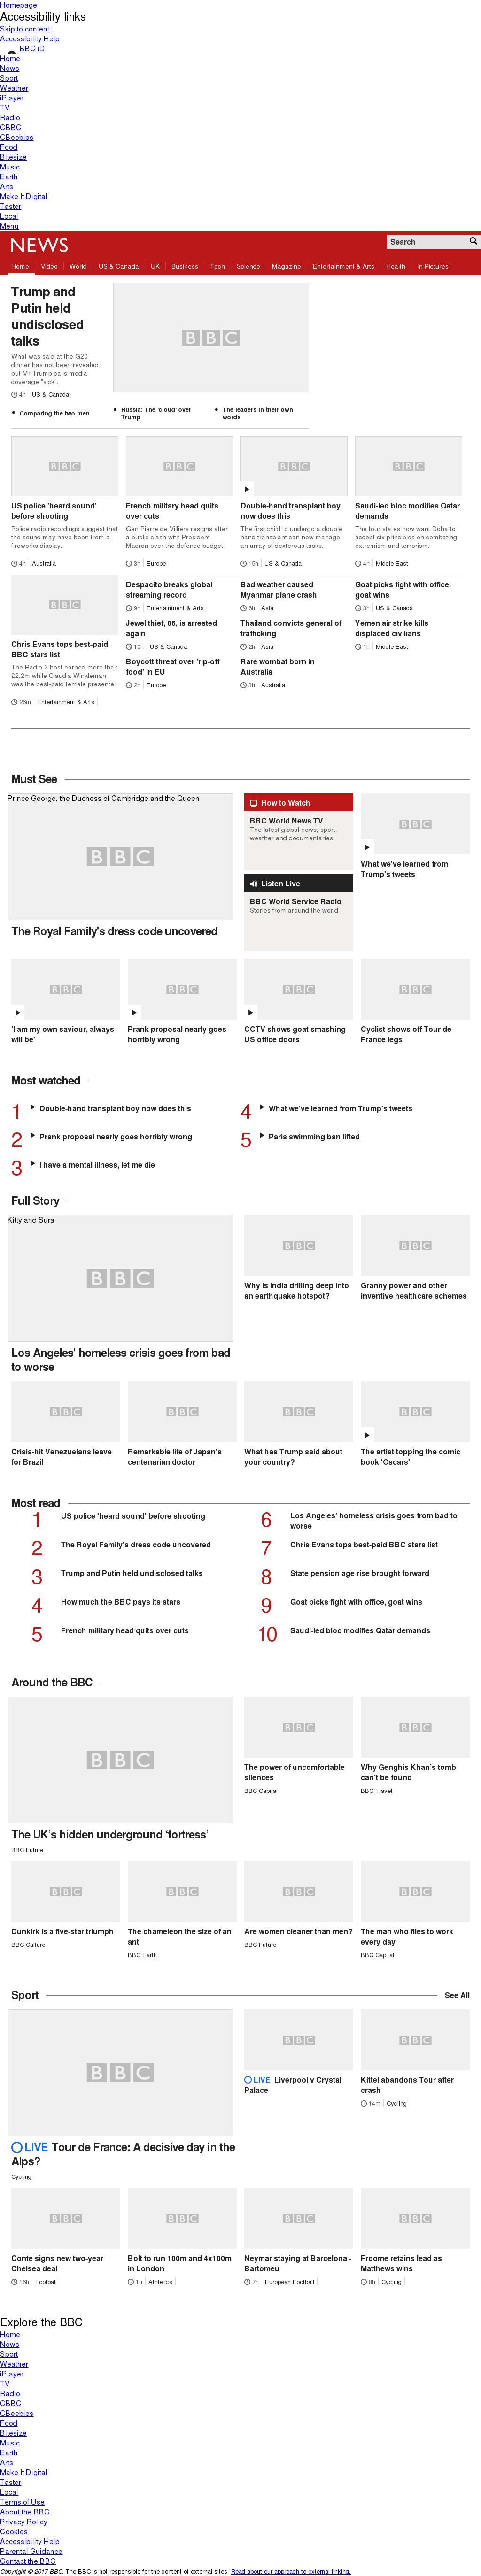 BBC at Wednesday July 19, 2017, 2 p.m. UTC